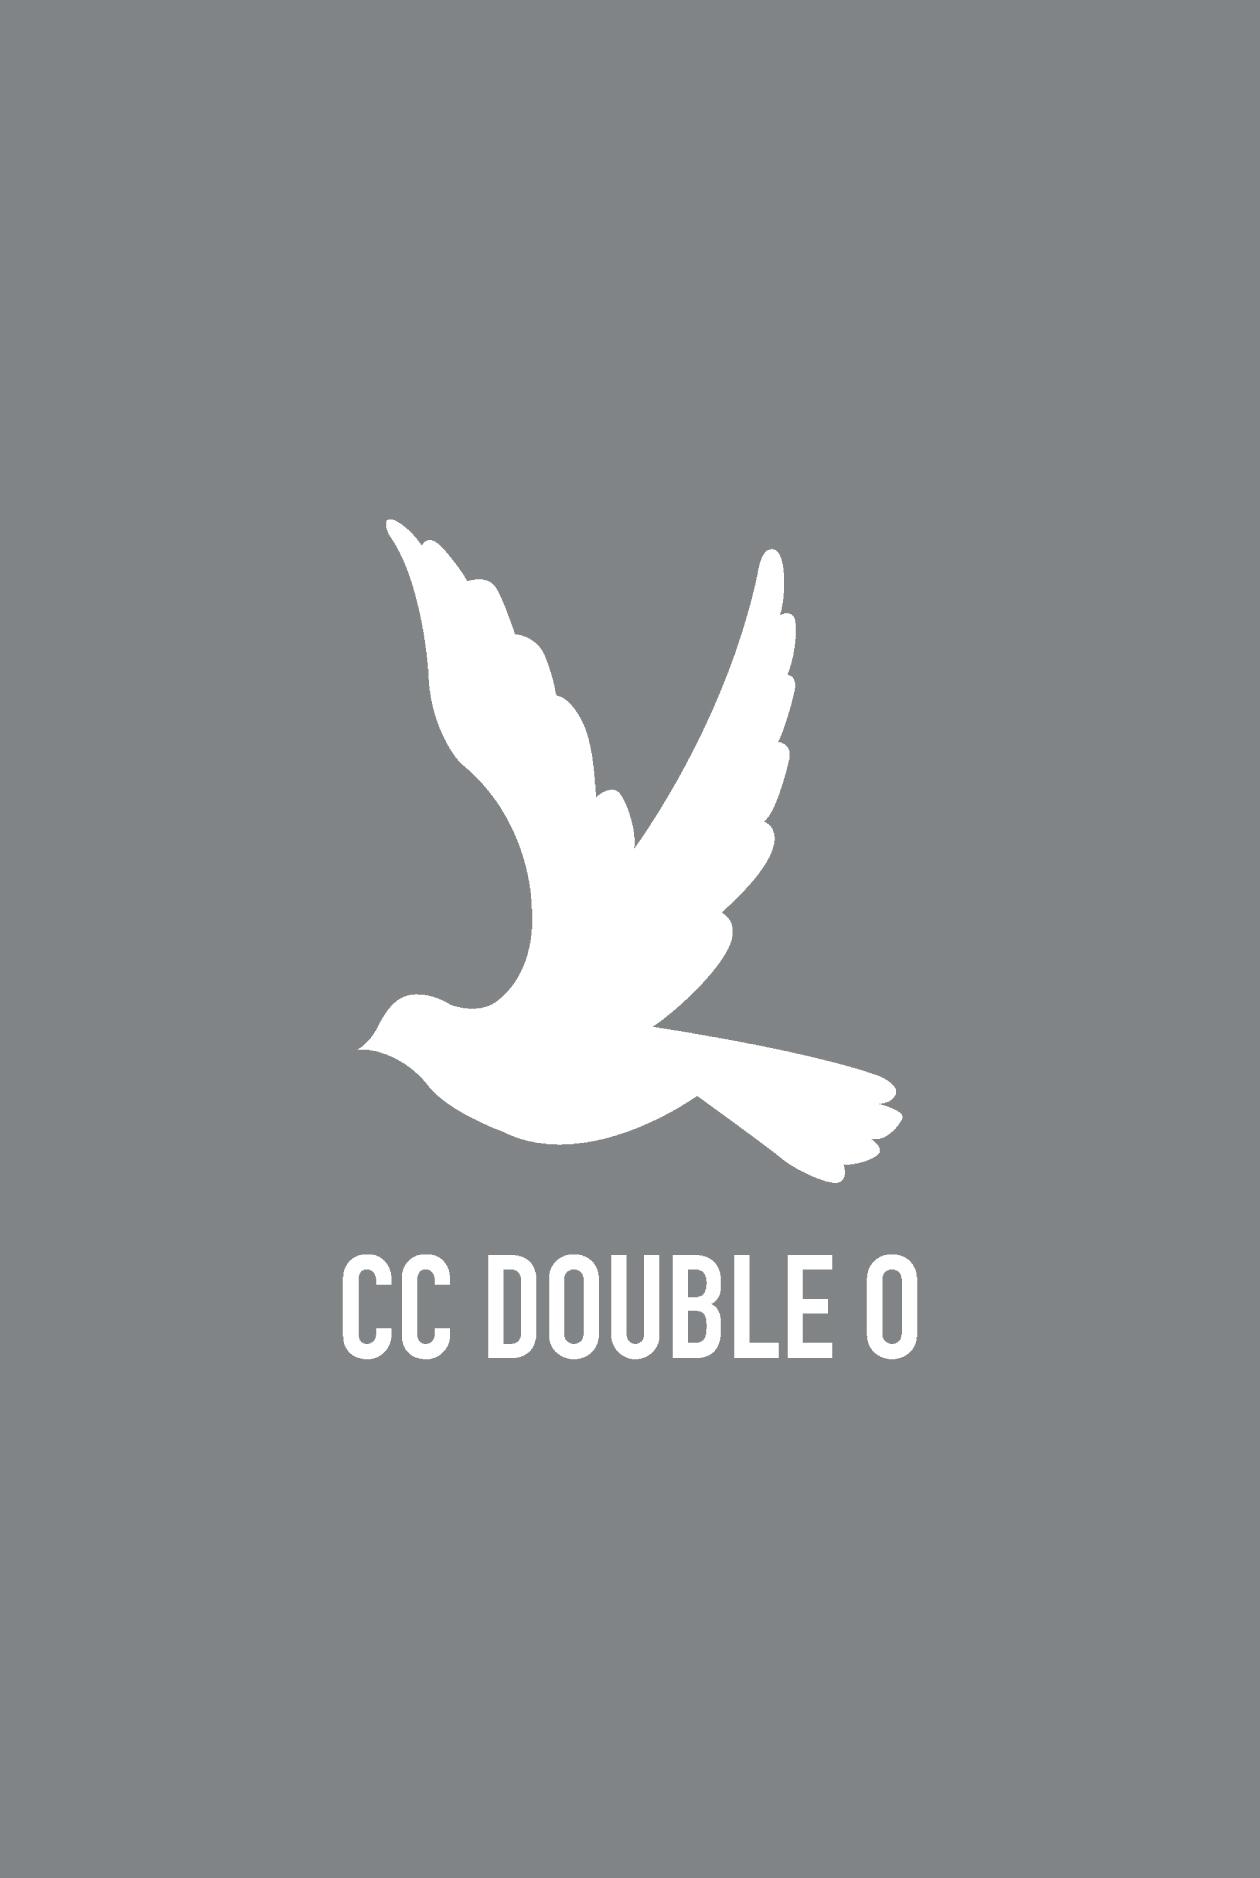 เสื้อโปโลลายกราฟฟิค CC DOUBLE O